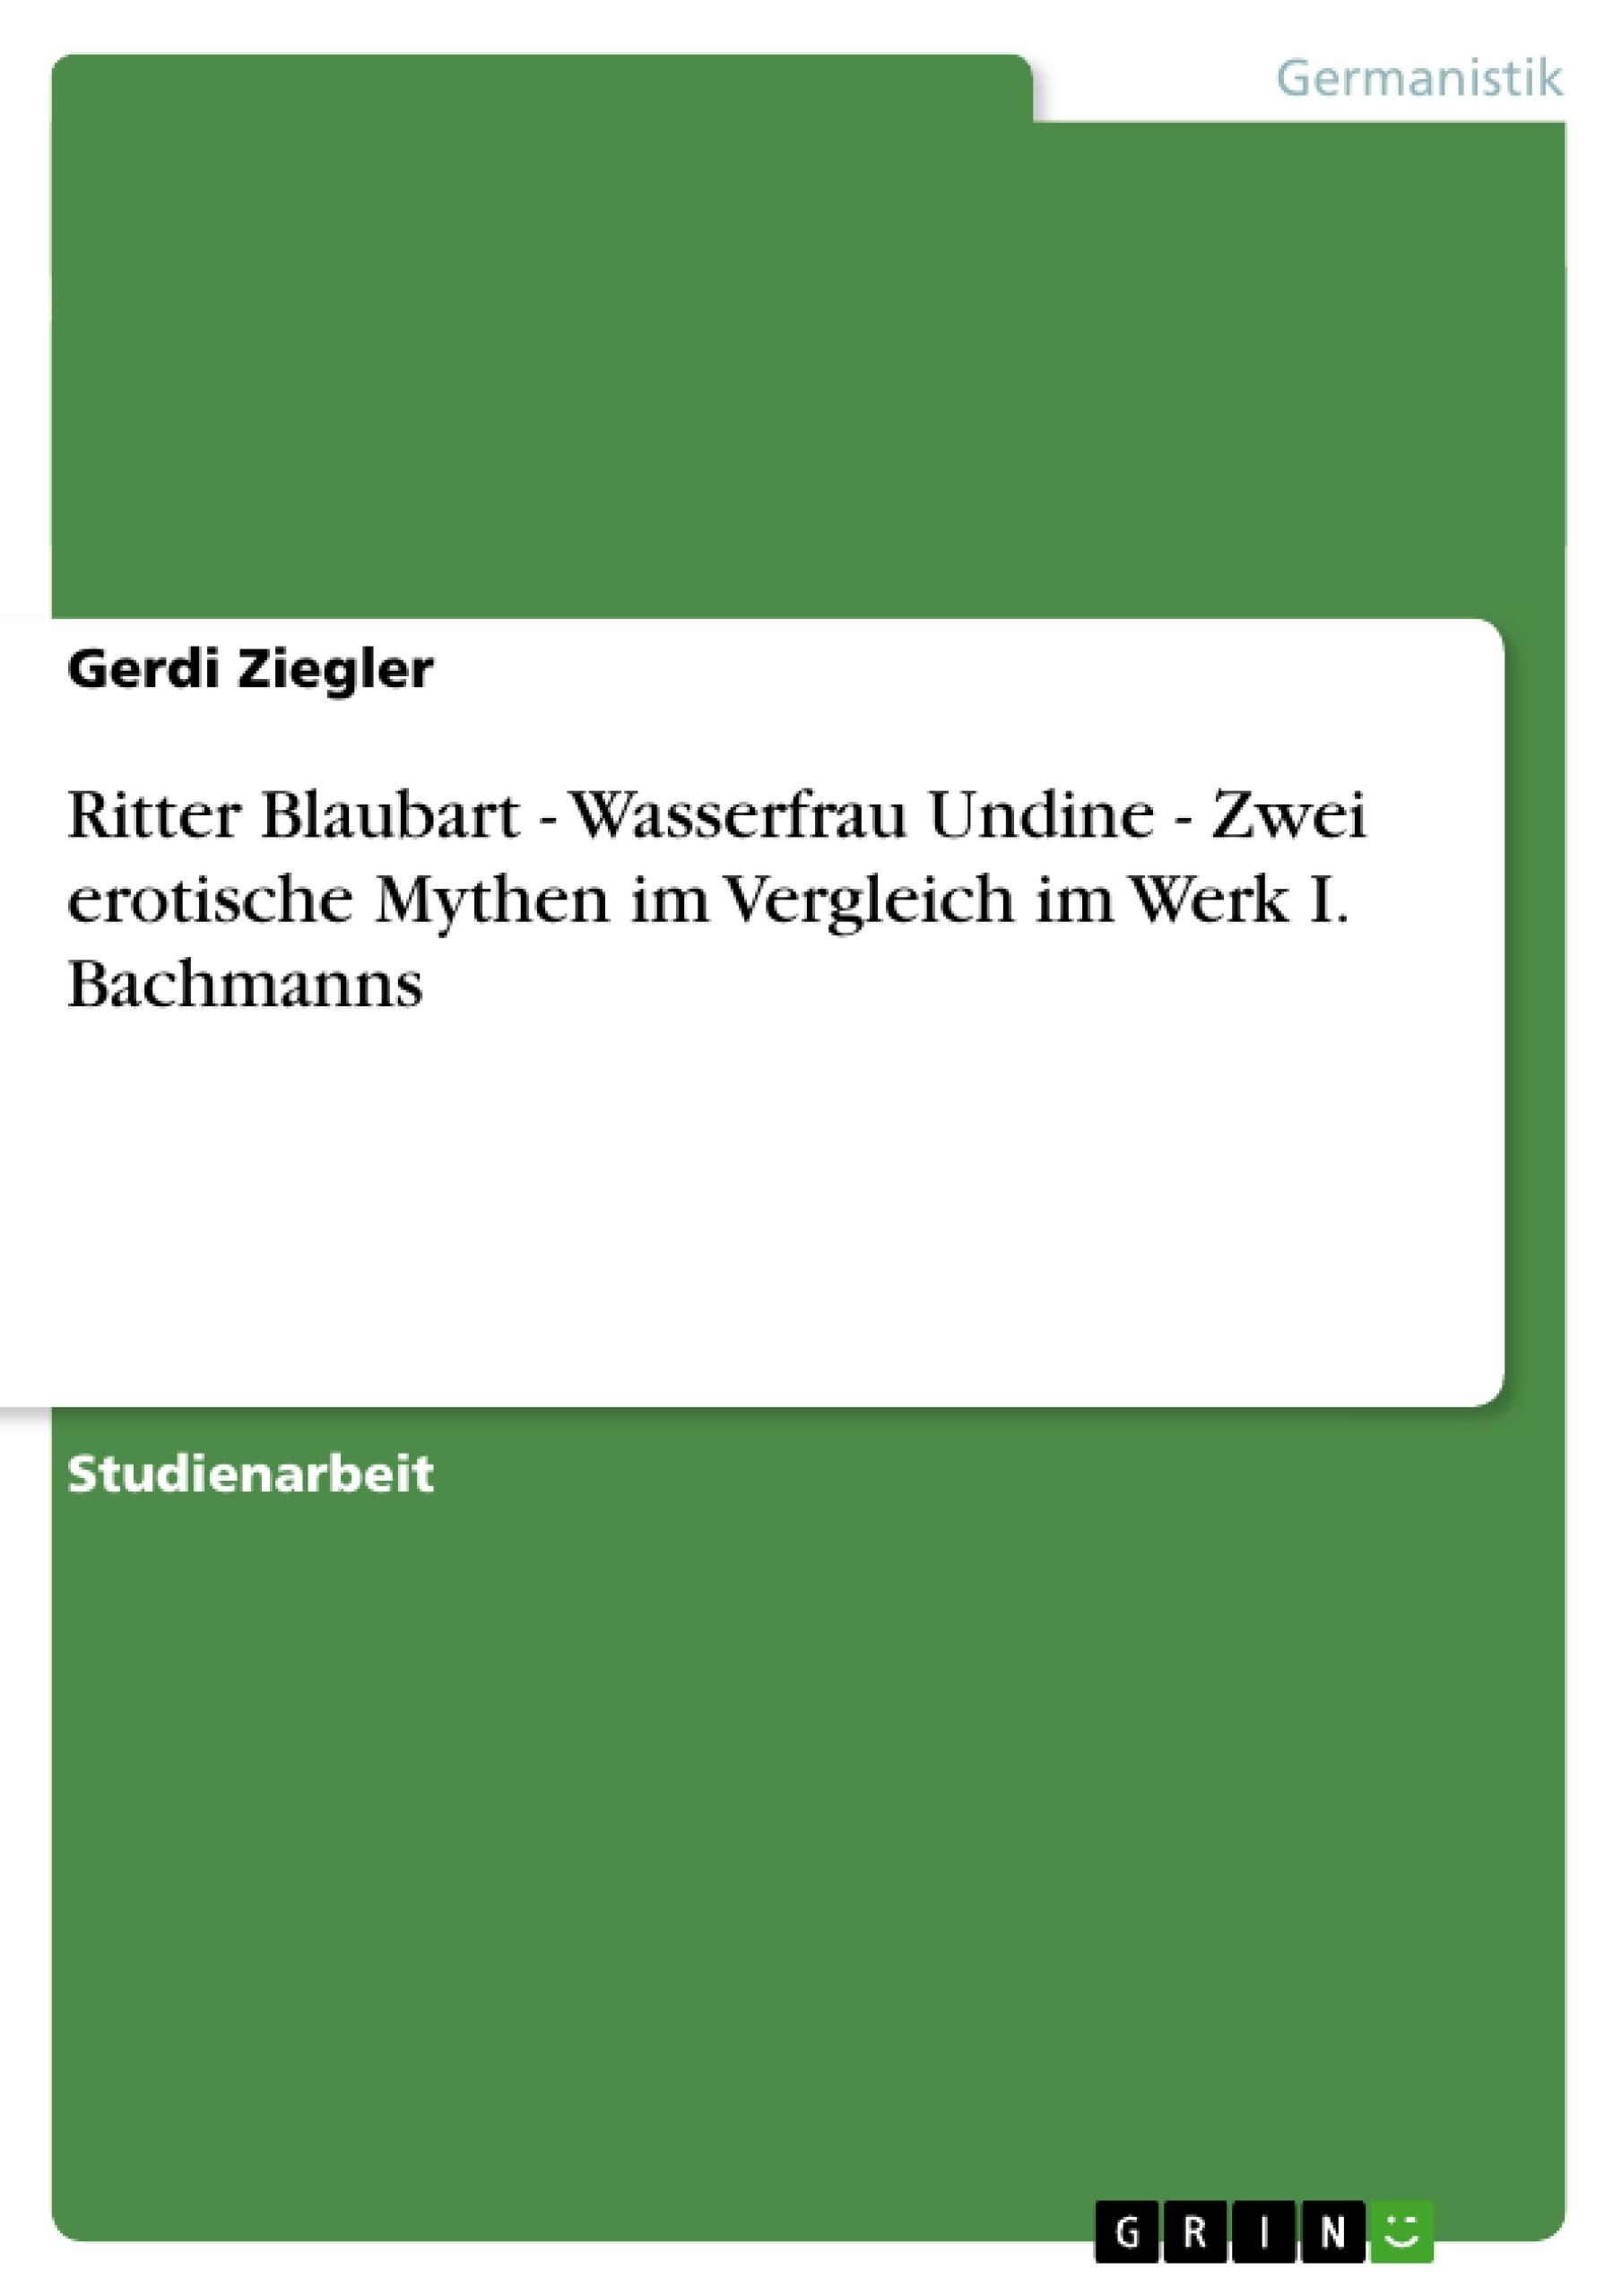 Titel: Ritter Blaubart - Wasserfrau Undine - Zwei erotische Mythen im Vergleich im Werk I. Bachmanns